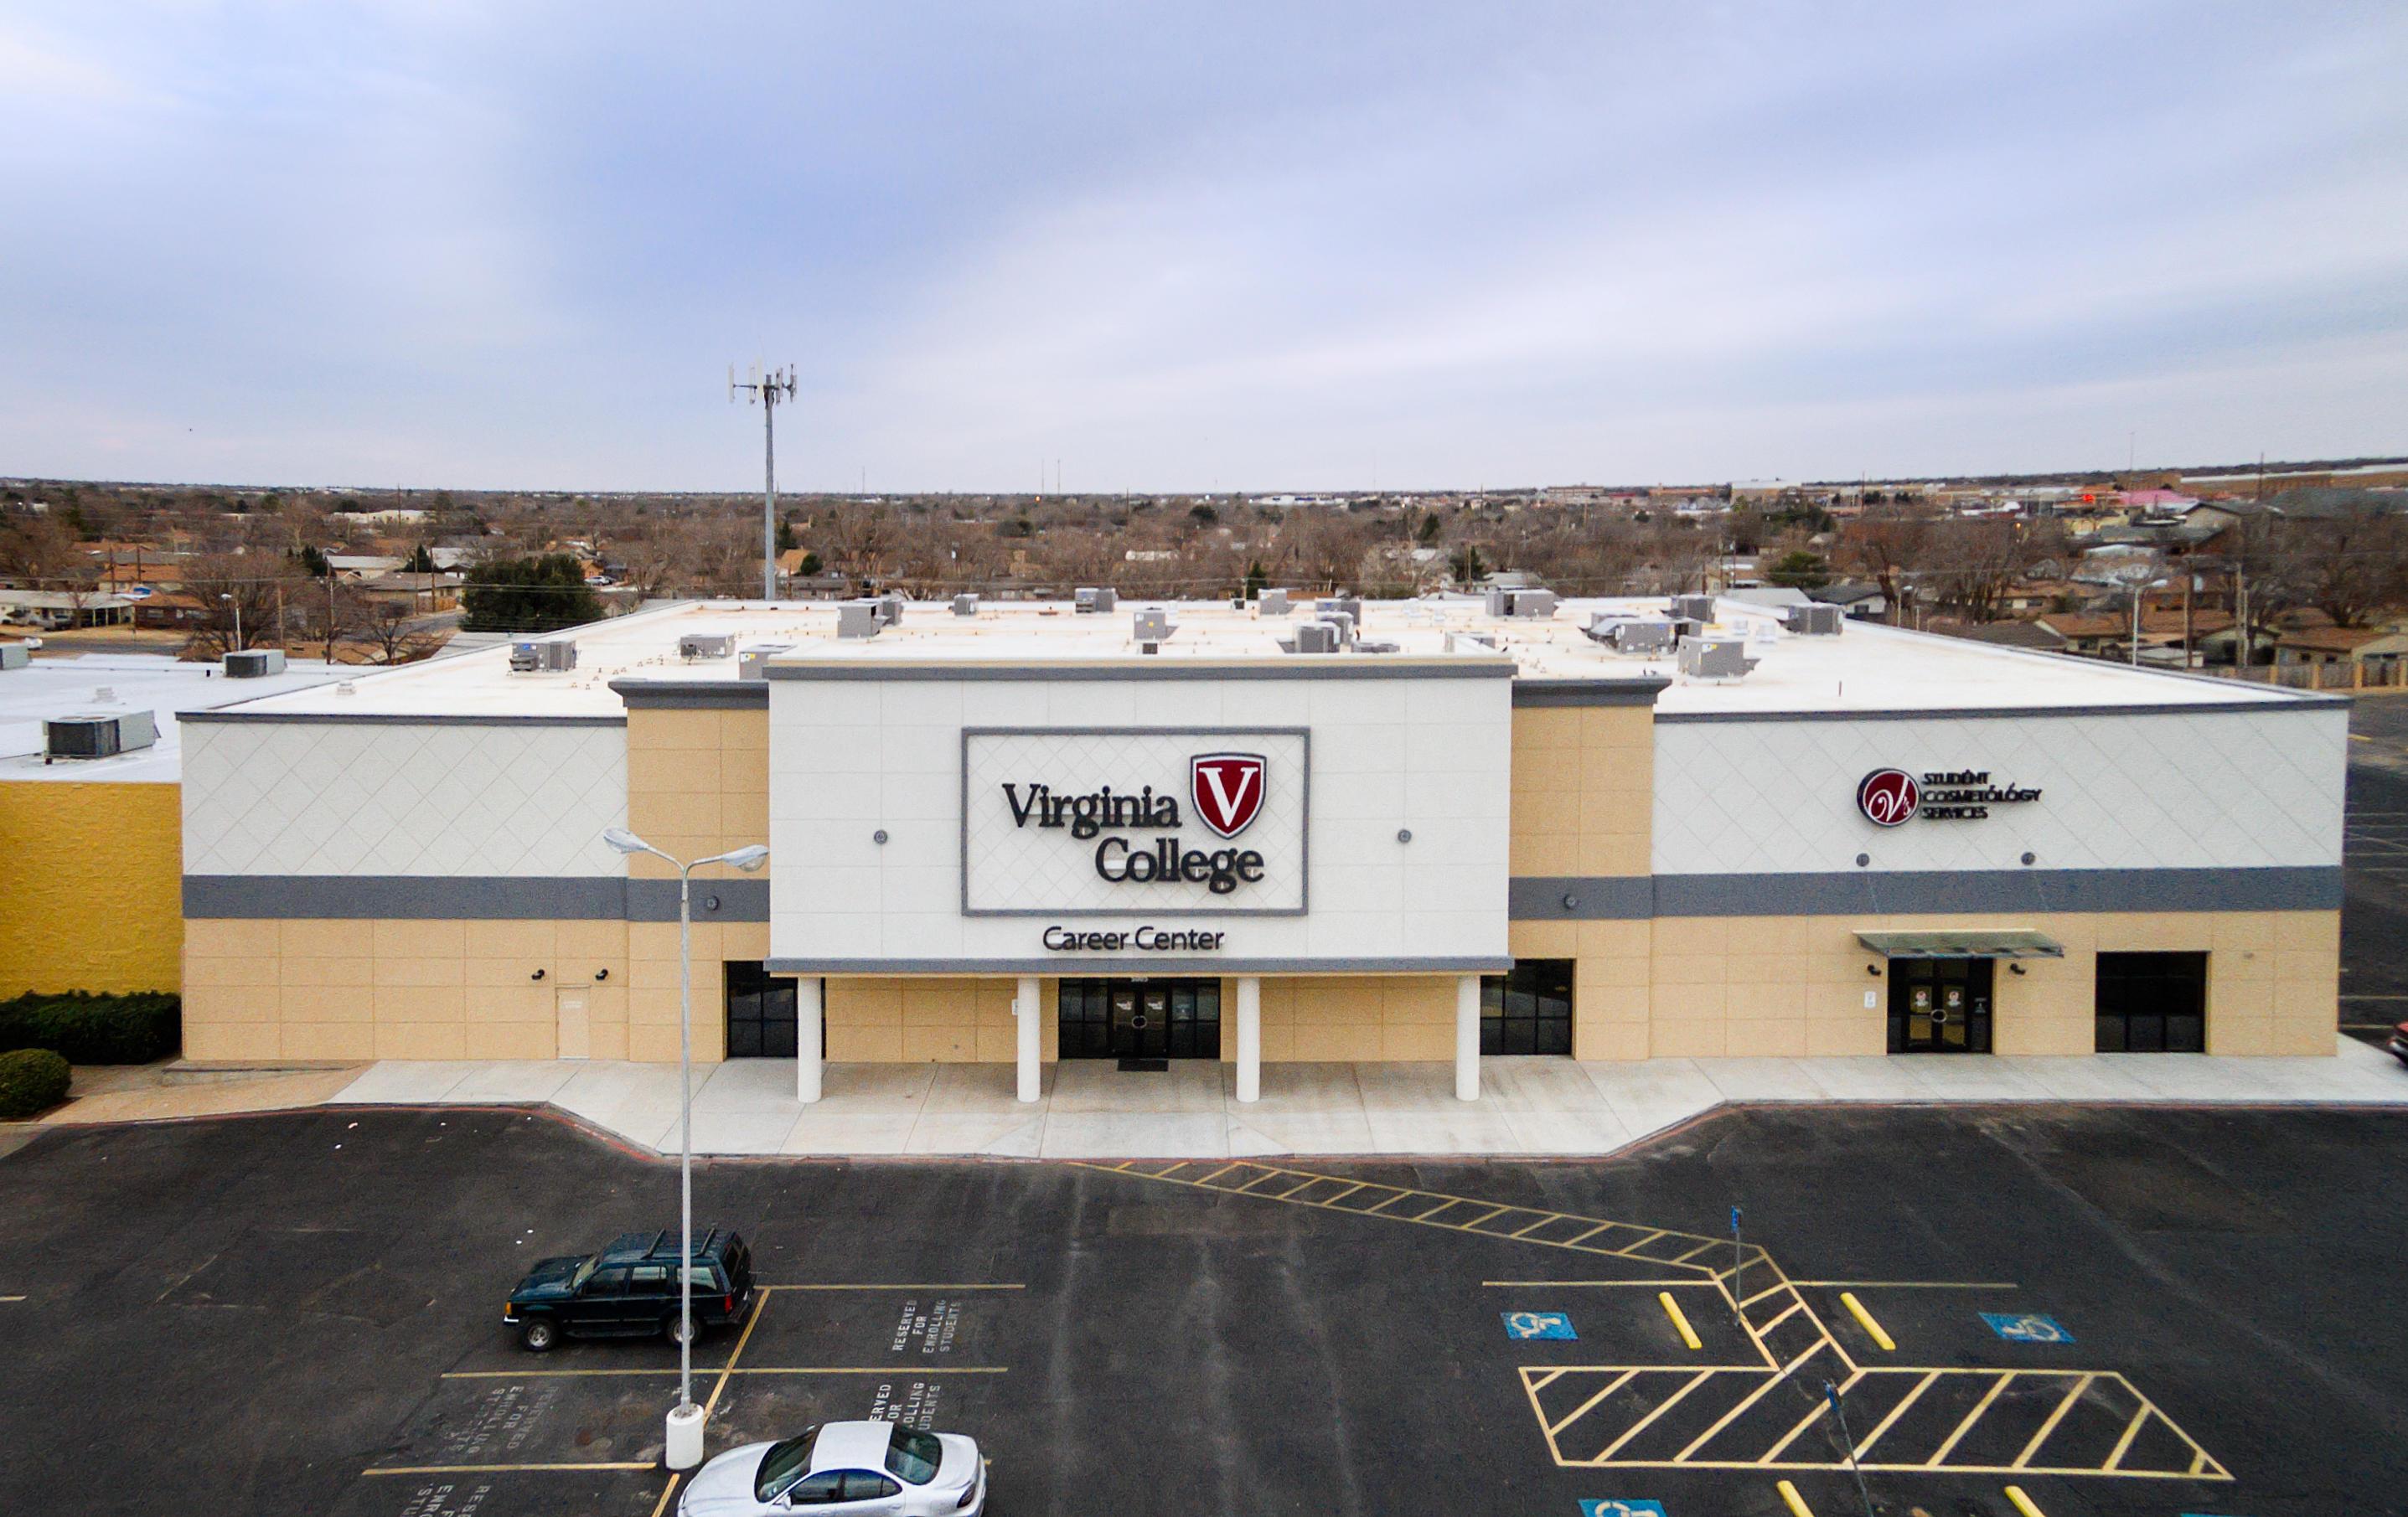 Virginia College in Lubbock image 0